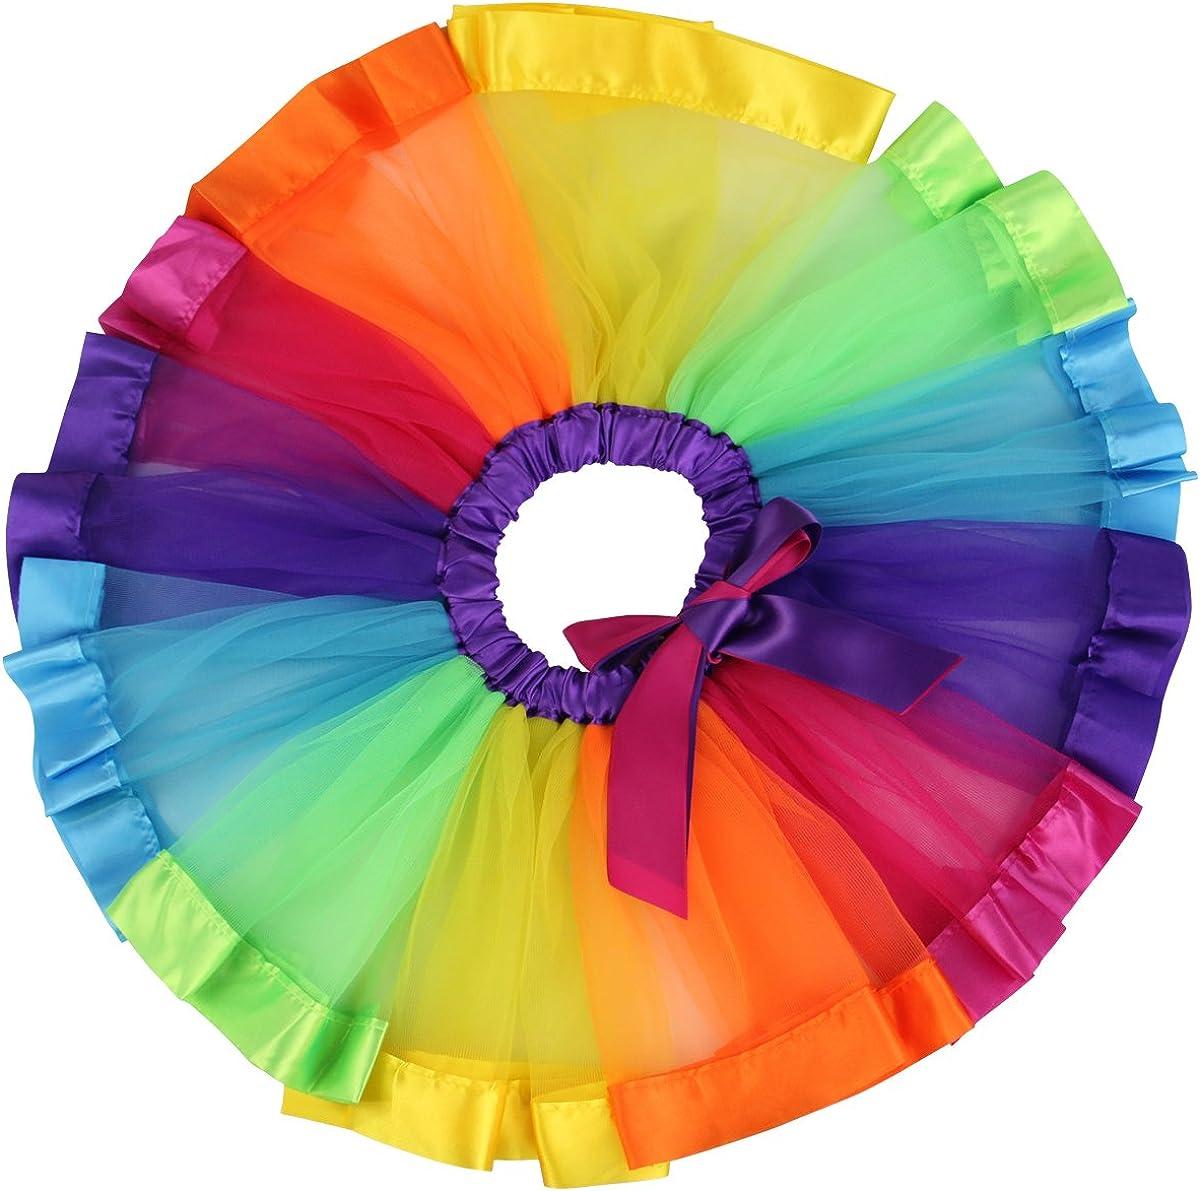 Jastore Girls Max 47% OFF Layered Rainbow Branded goods Tutu Skirt Tier Dance Ruffle Dress